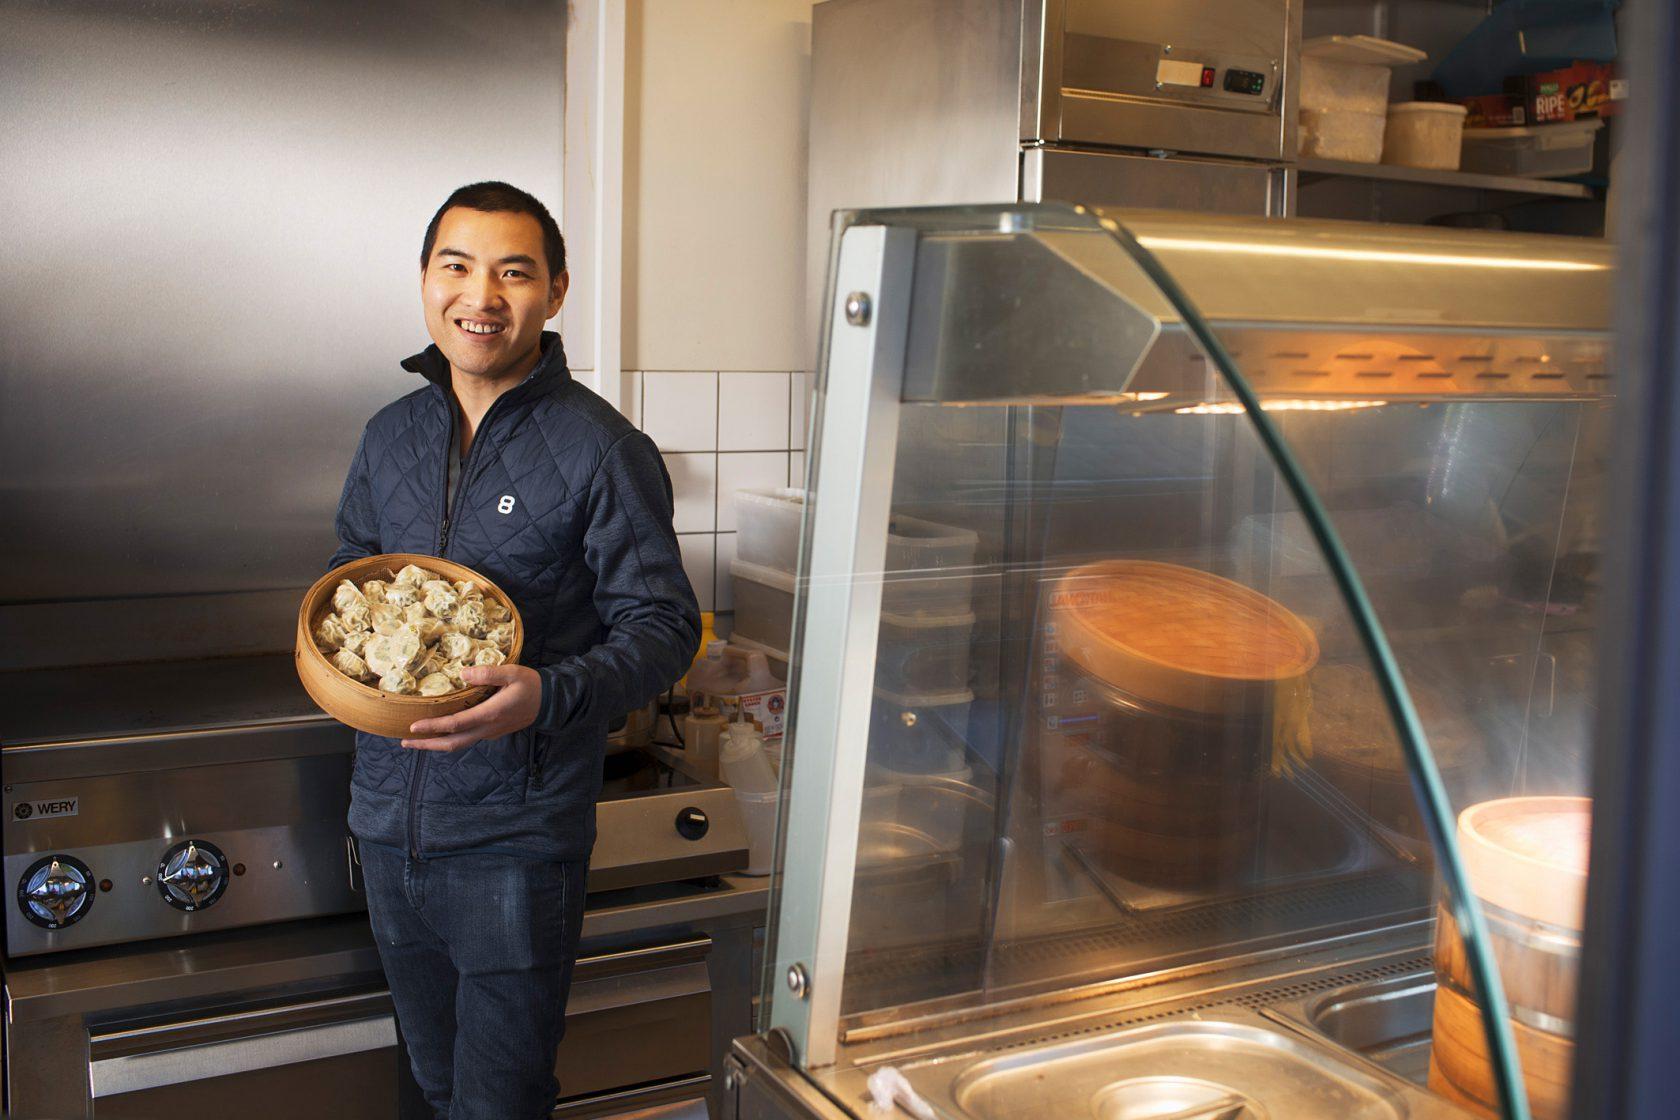 En leende man står i ett kök och håller upp en korg med dumplings.